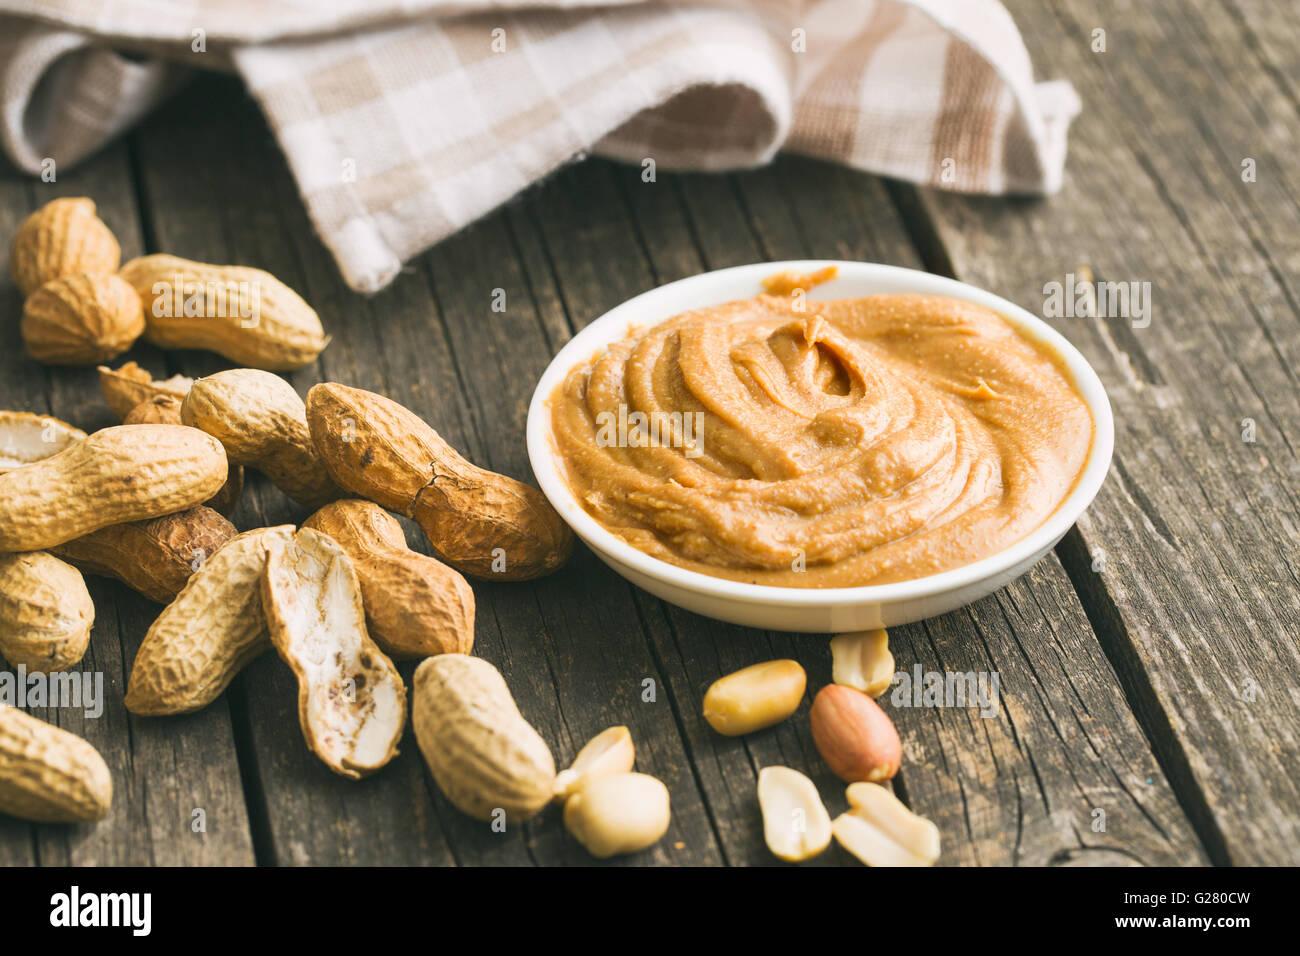 Le beurre d'arachide crémeux et les arachides. Tartiner de beurre d'arachides dans le bol. Photo Stock